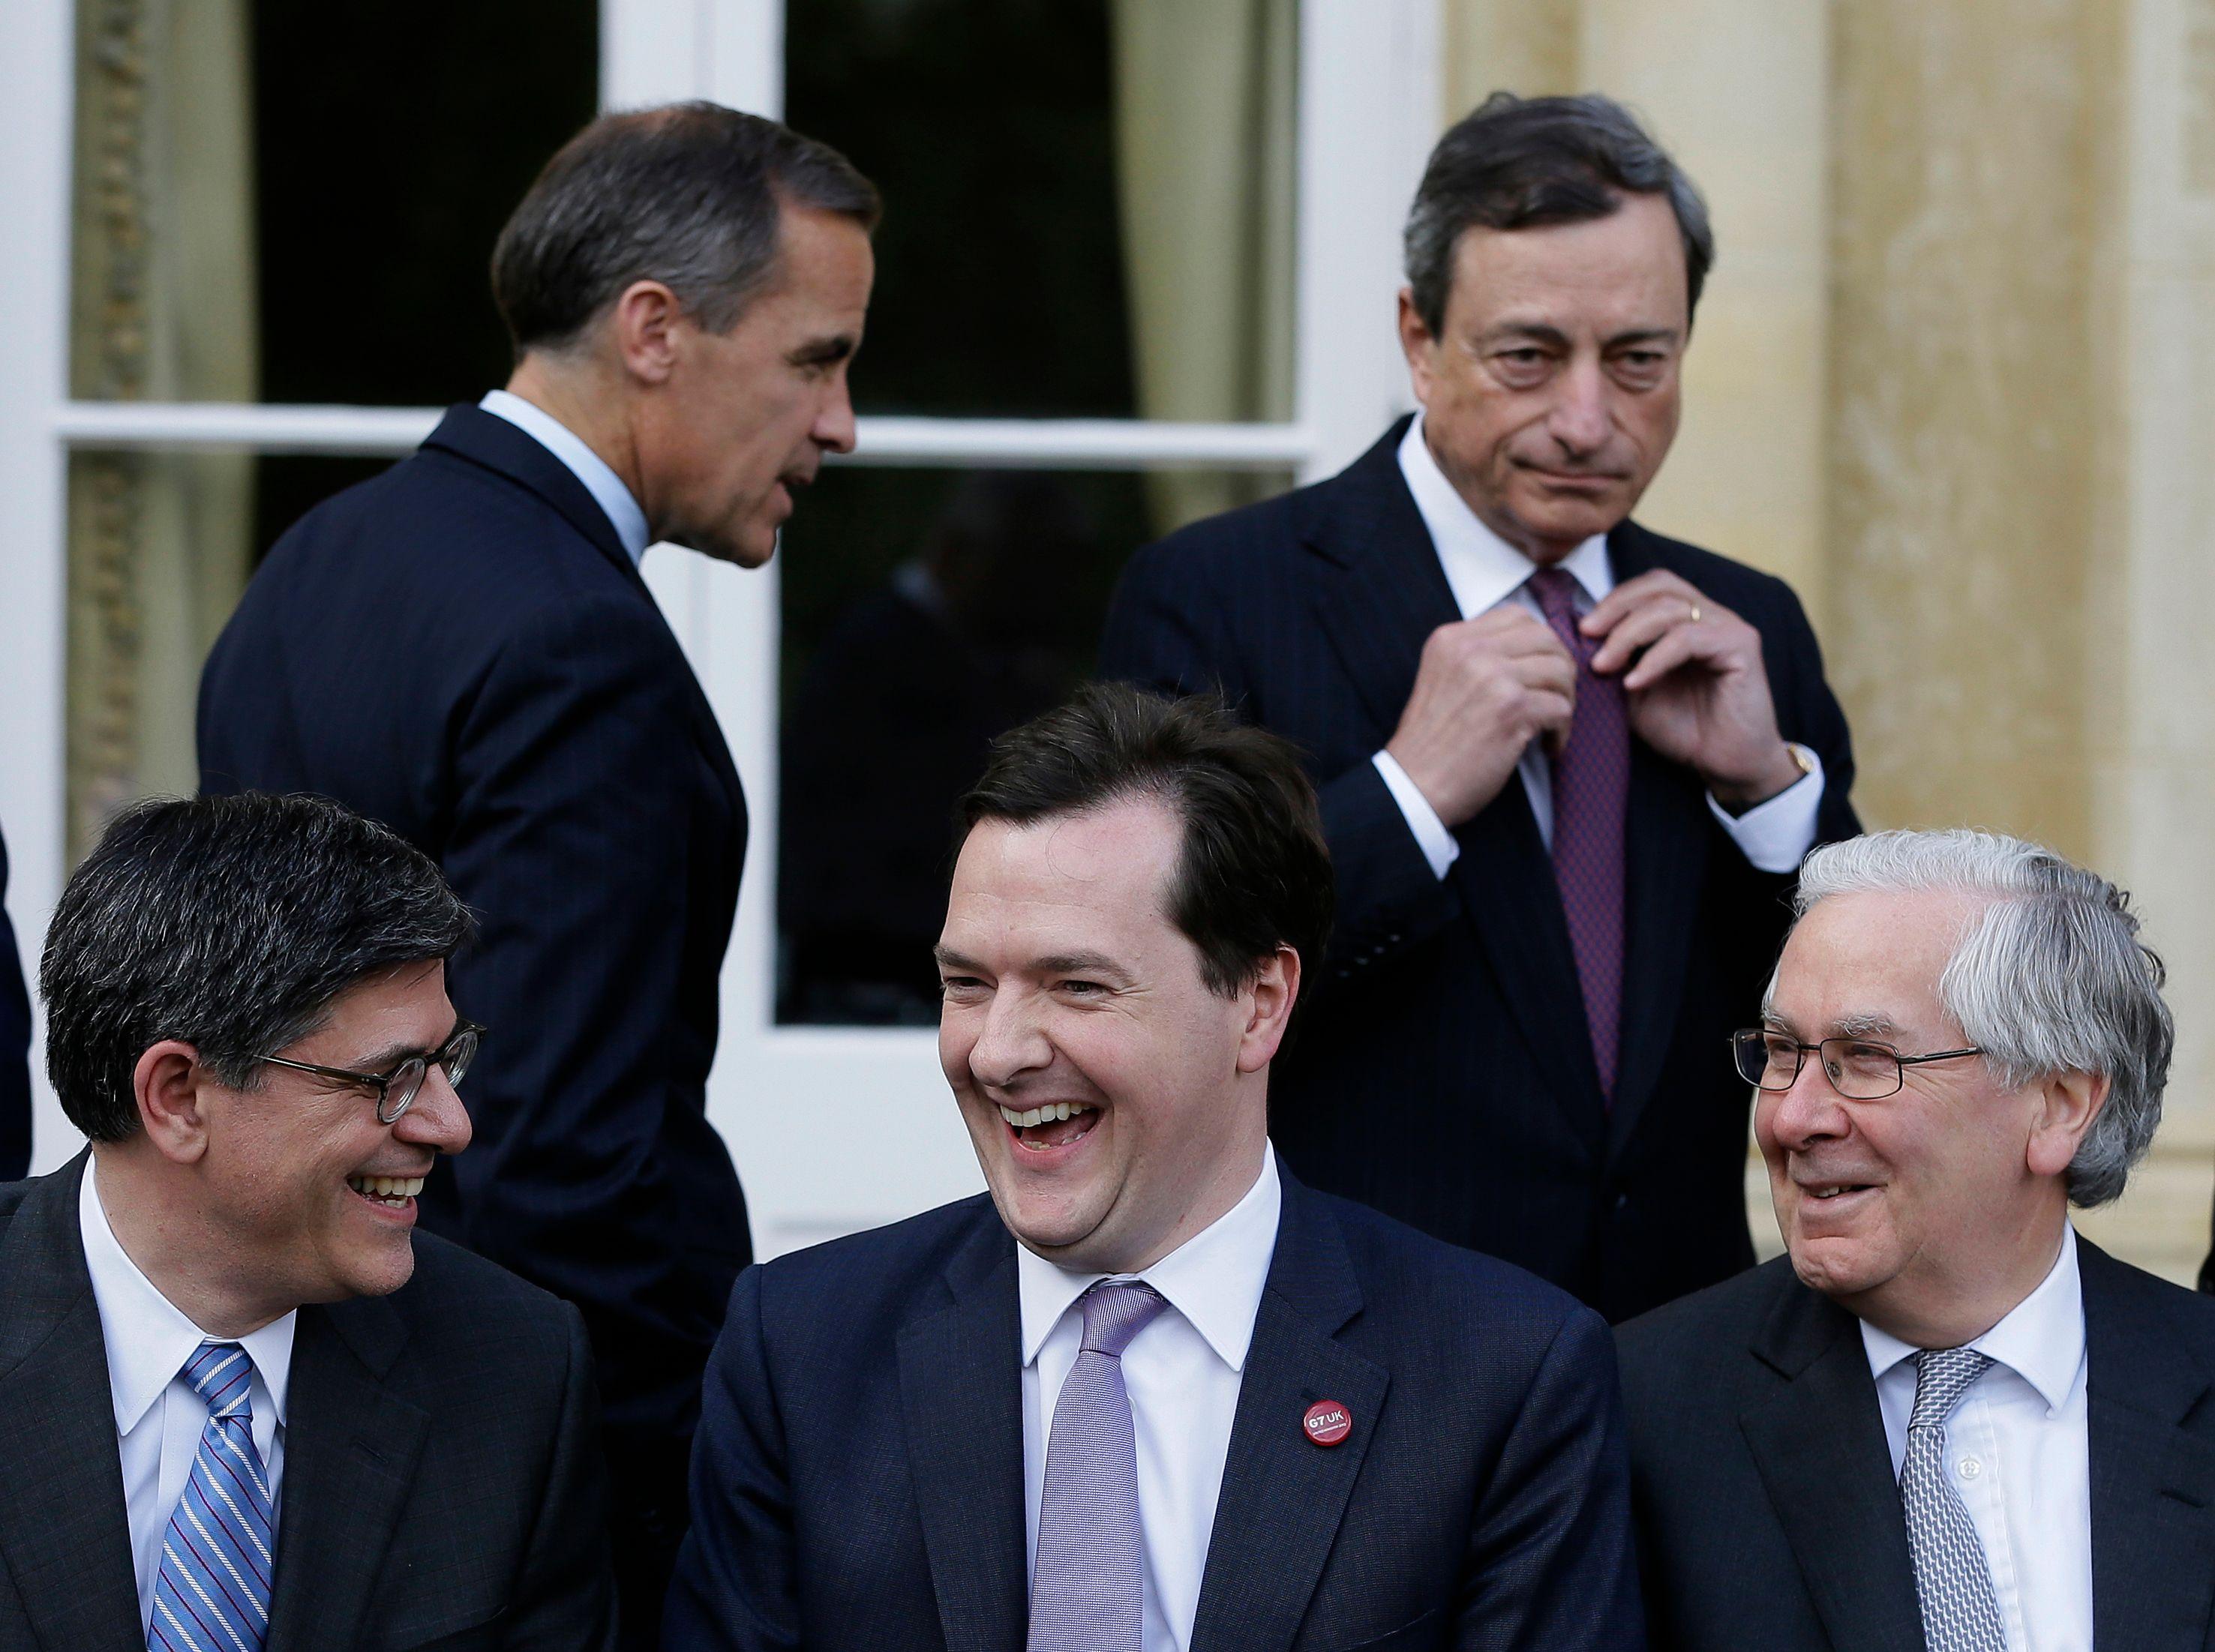 Le G7 Finances devrait s'achever dans la journée